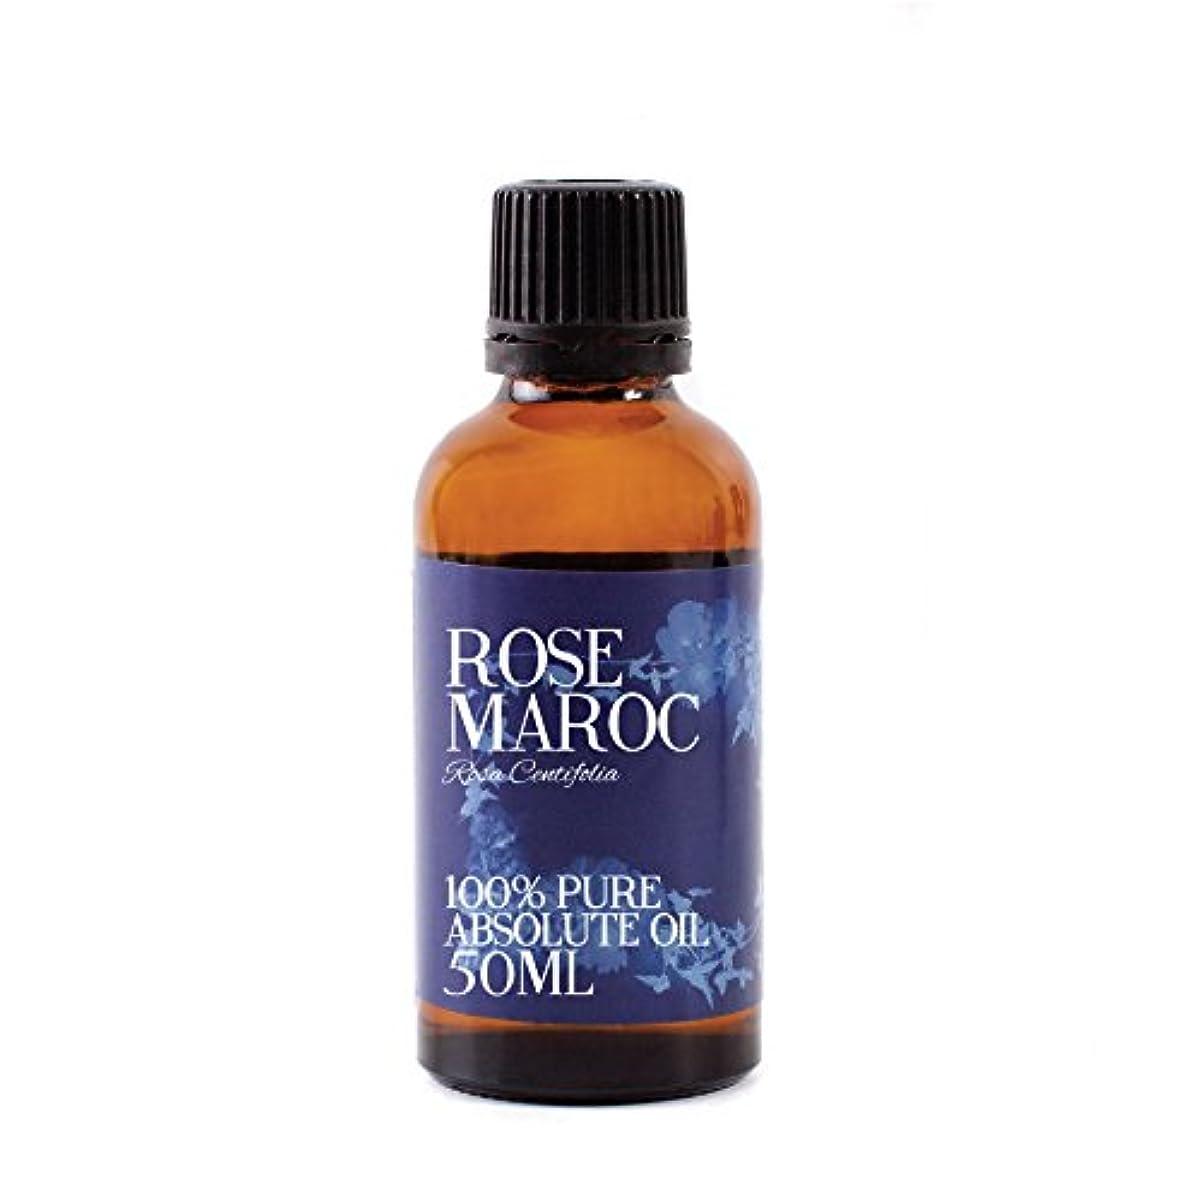 バーベキュー温度計グラムRose Maroc Absolute 50ml - 100% Pure